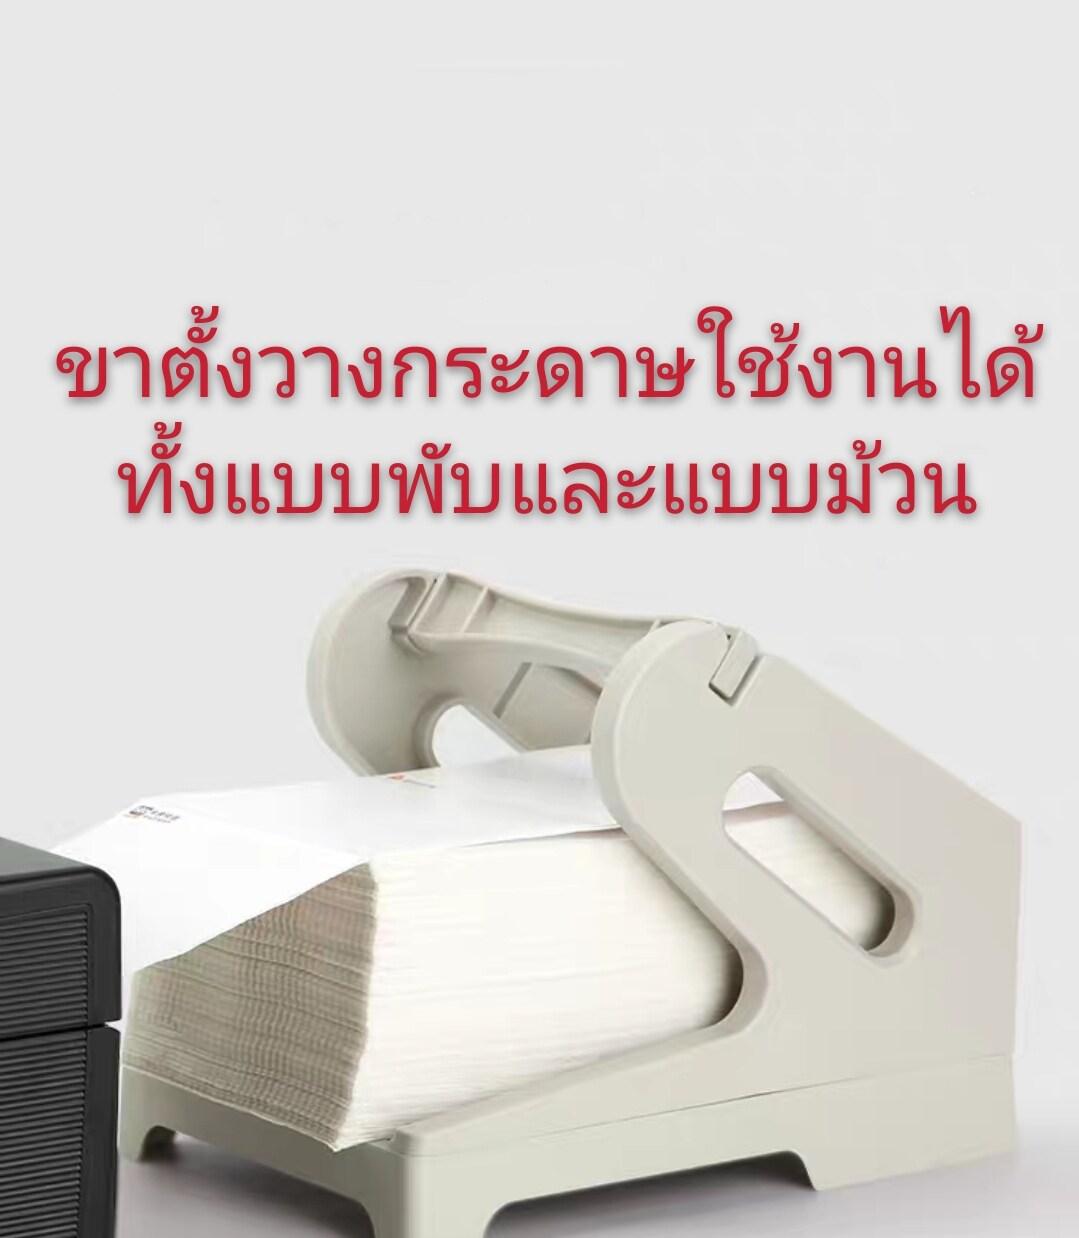 ที่วางลาเบล กระดาษความร้อน สำหรับเครื่องพิมพ์ฉลาก.